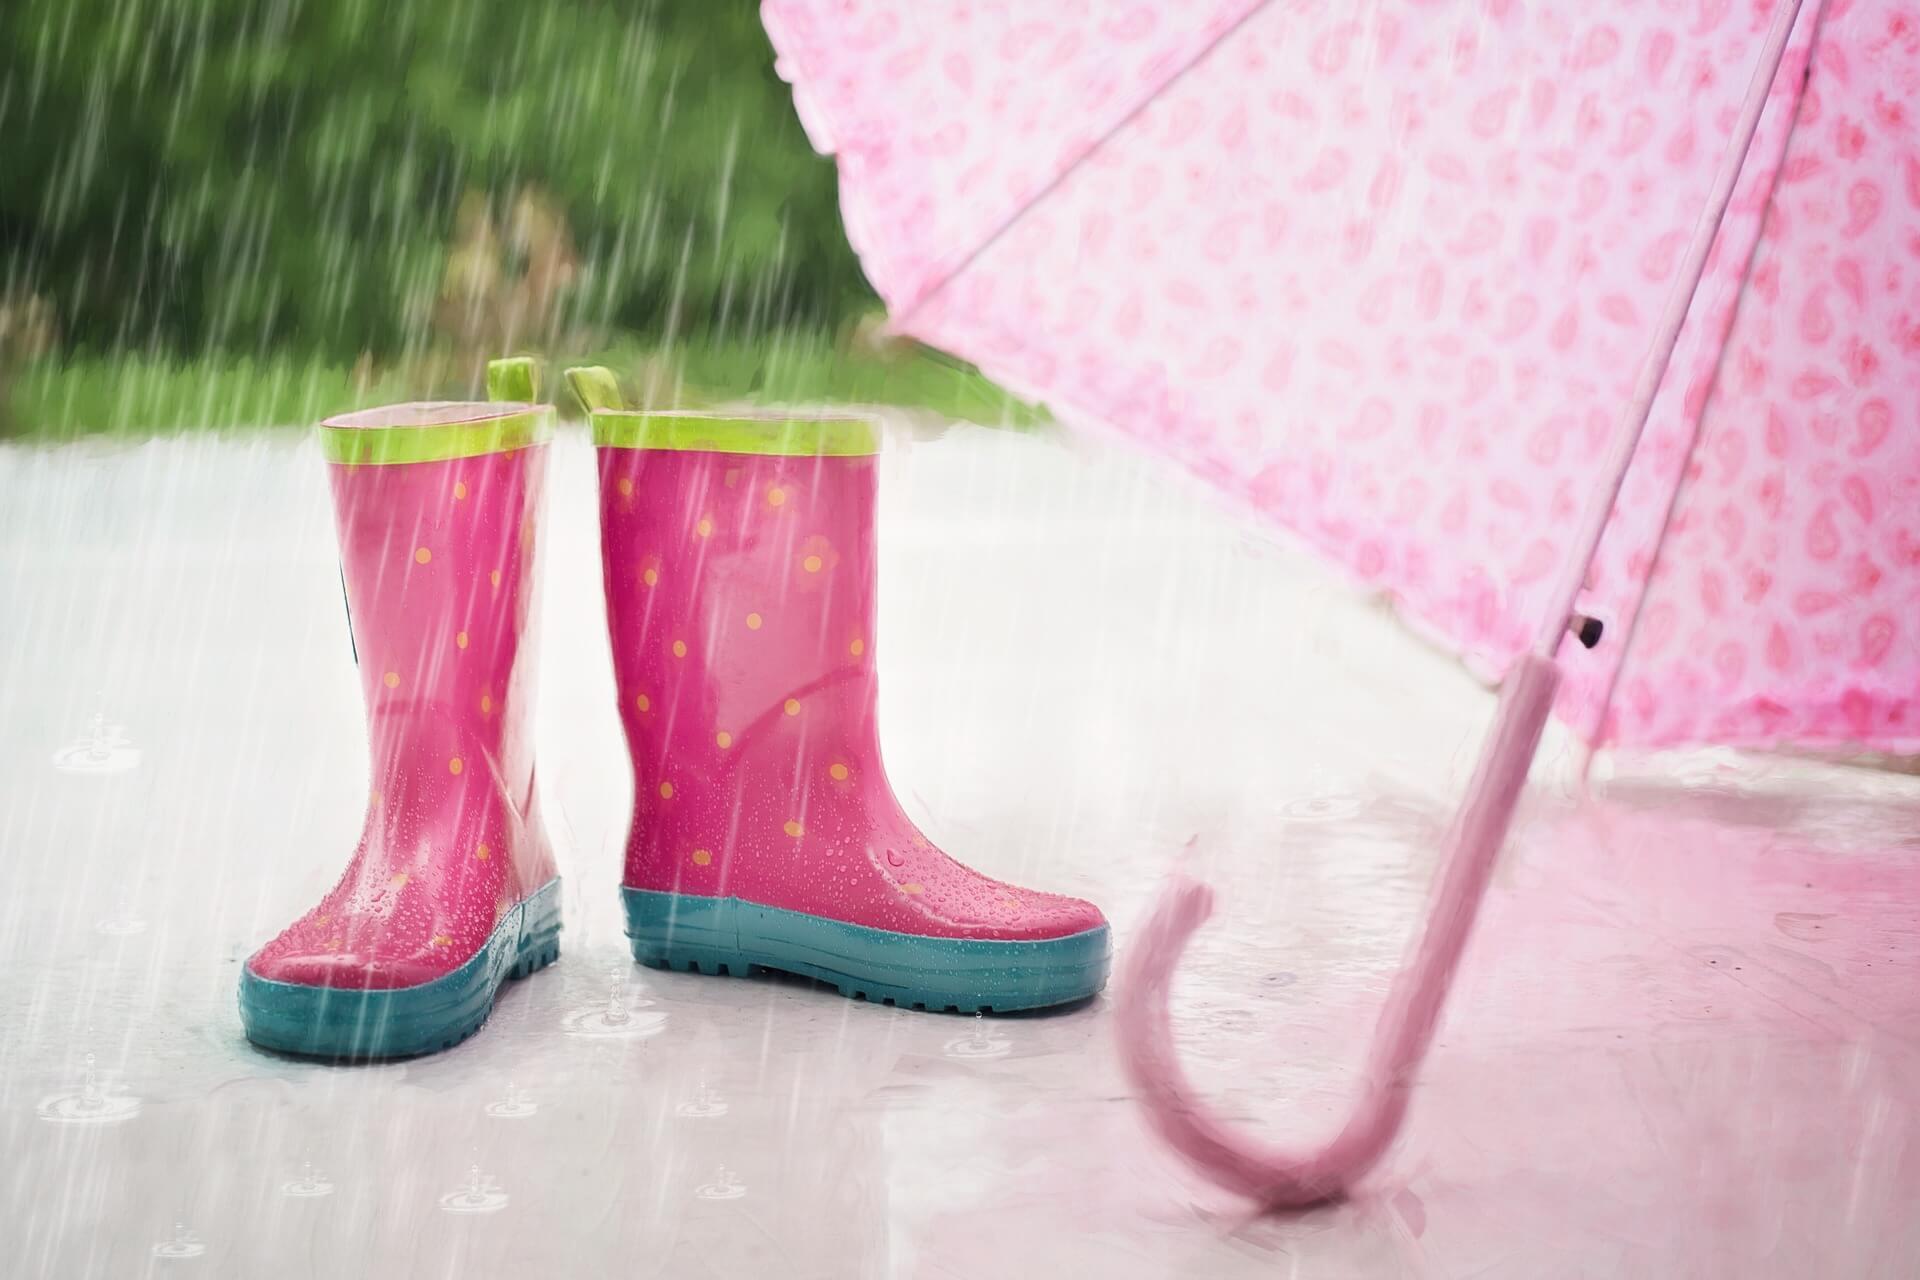 梅雨の湿度の平均はどのくらい?!部屋で快適に過ごすには?カビ対策も伝授♪